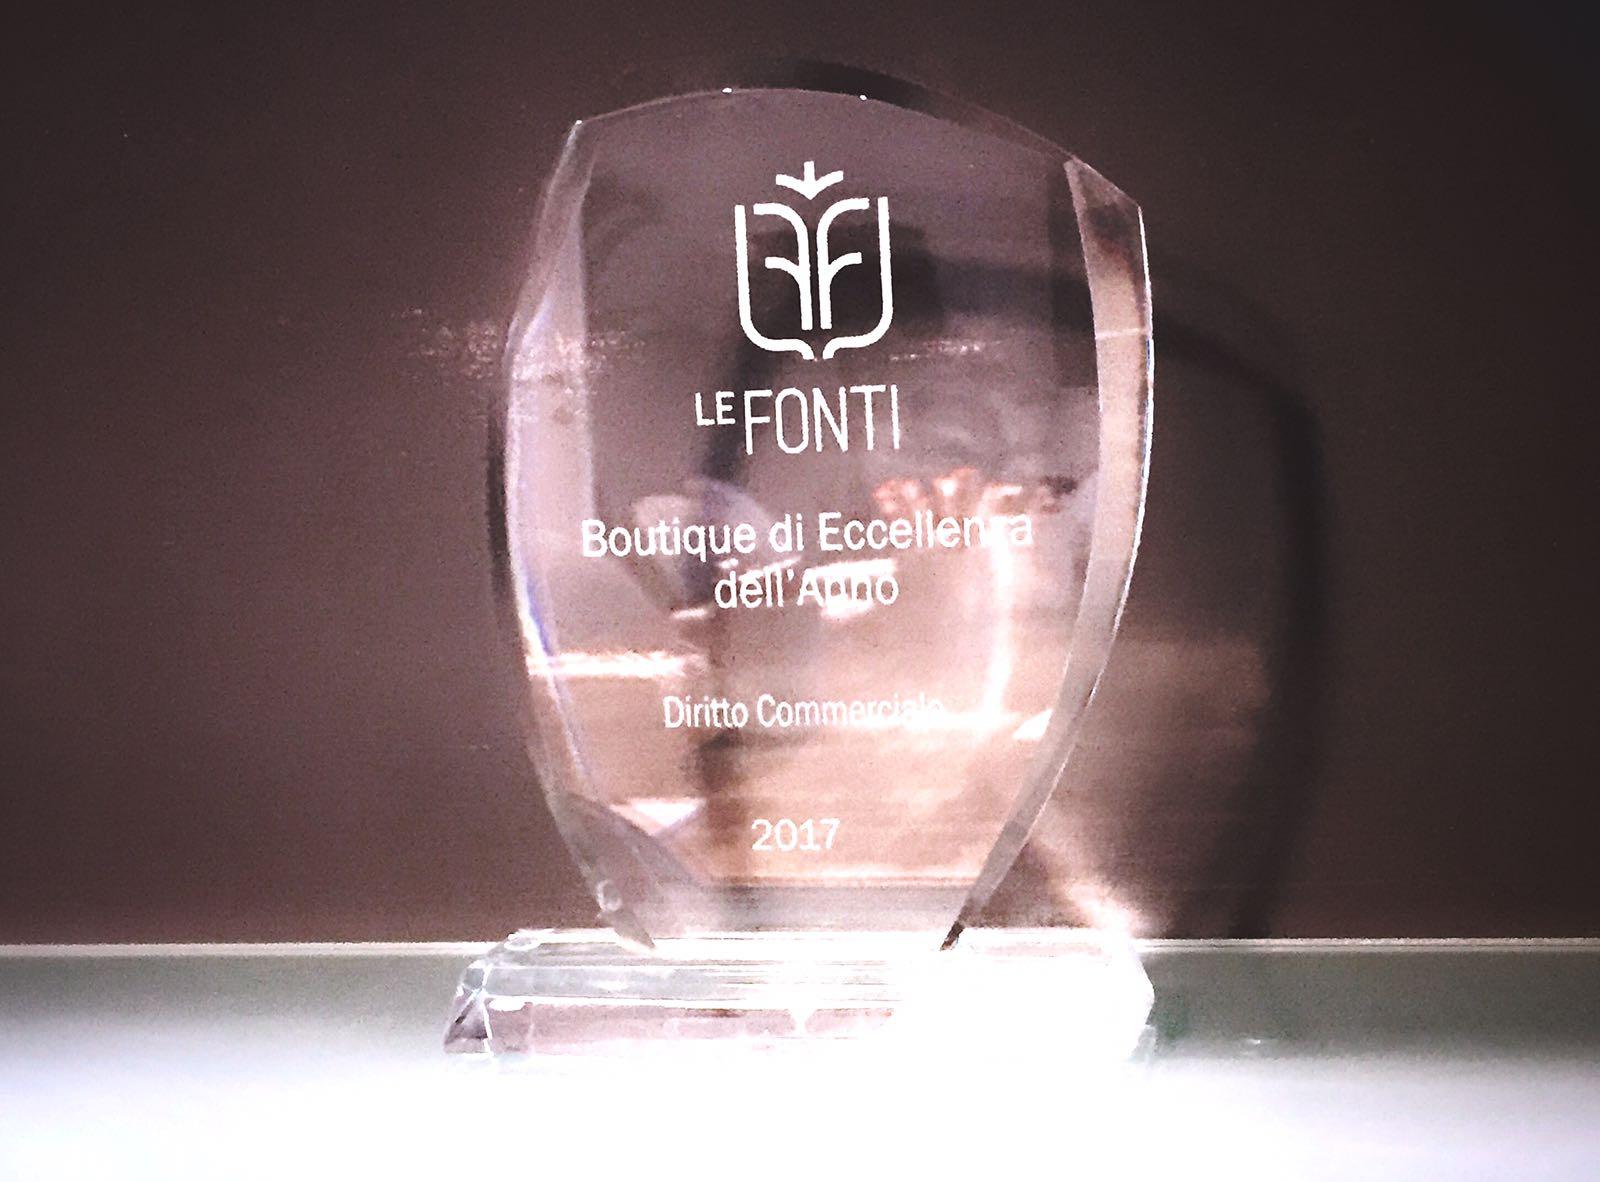 Le Fonti Awars - Boutique di eccellenza dell'anno - Diritto Commerciale per Donativi & Associati - 2017